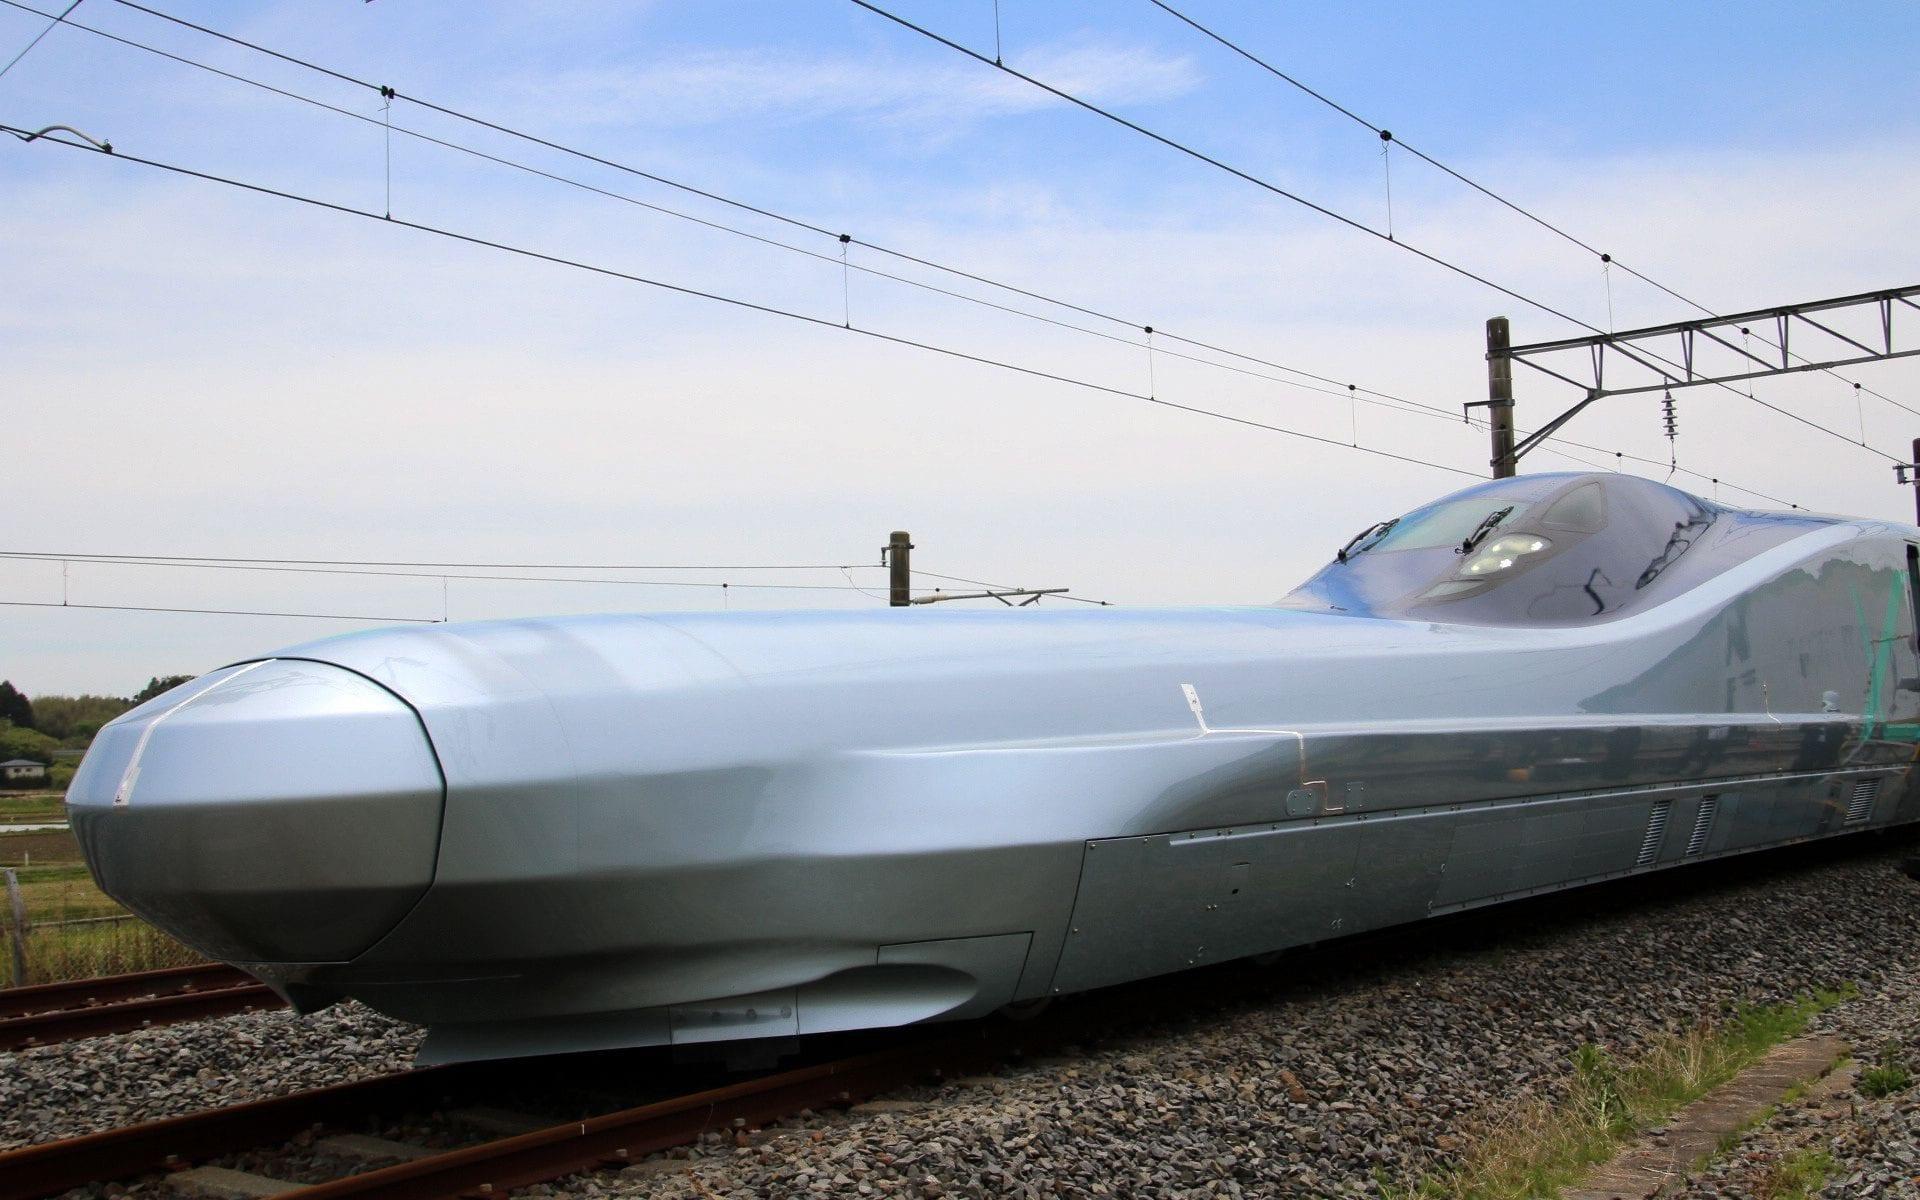 رونمایی از سریعترین قطار جهان در ژاپن+ تصاویر